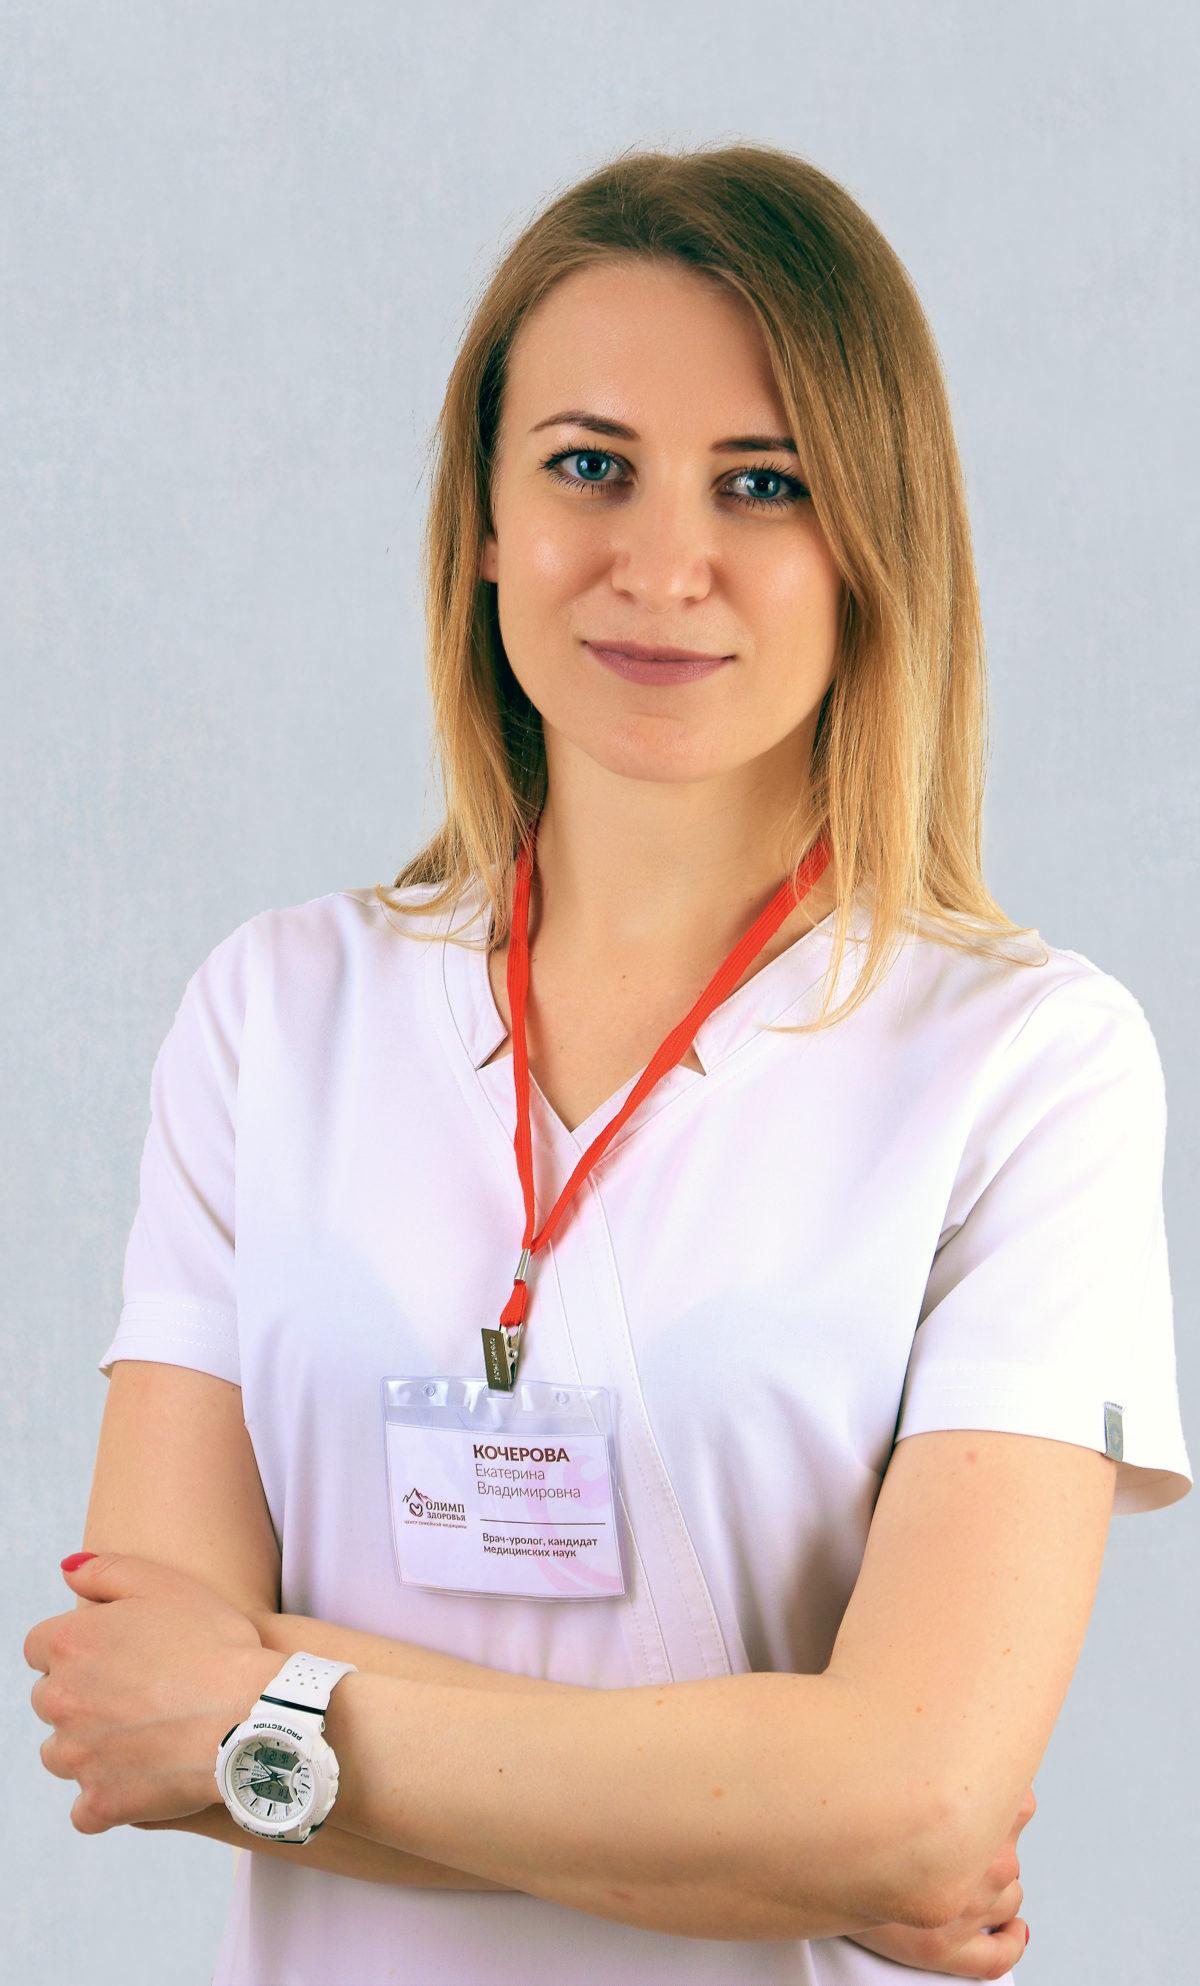 В «Олимпе Здоровья» проводят комплексное лечение мочекаменной болезни